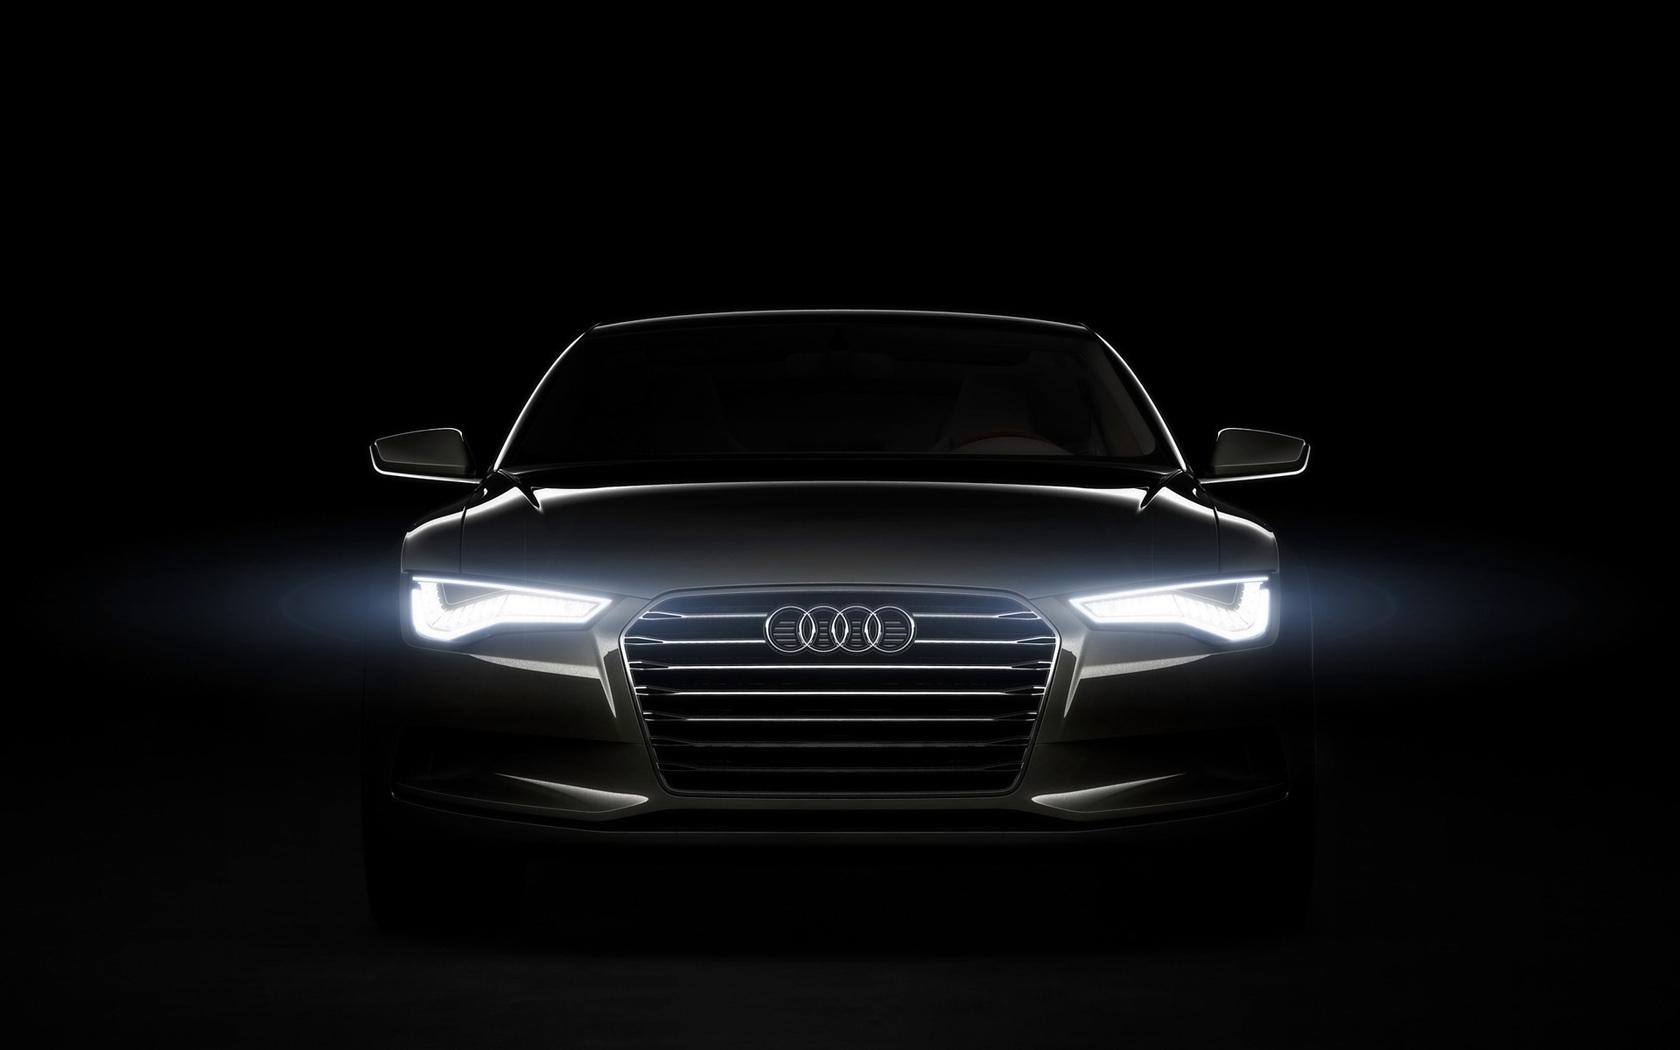 20945 скачать обои Машины, Ауди (Audi), Транспорт - заставки и картинки бесплатно